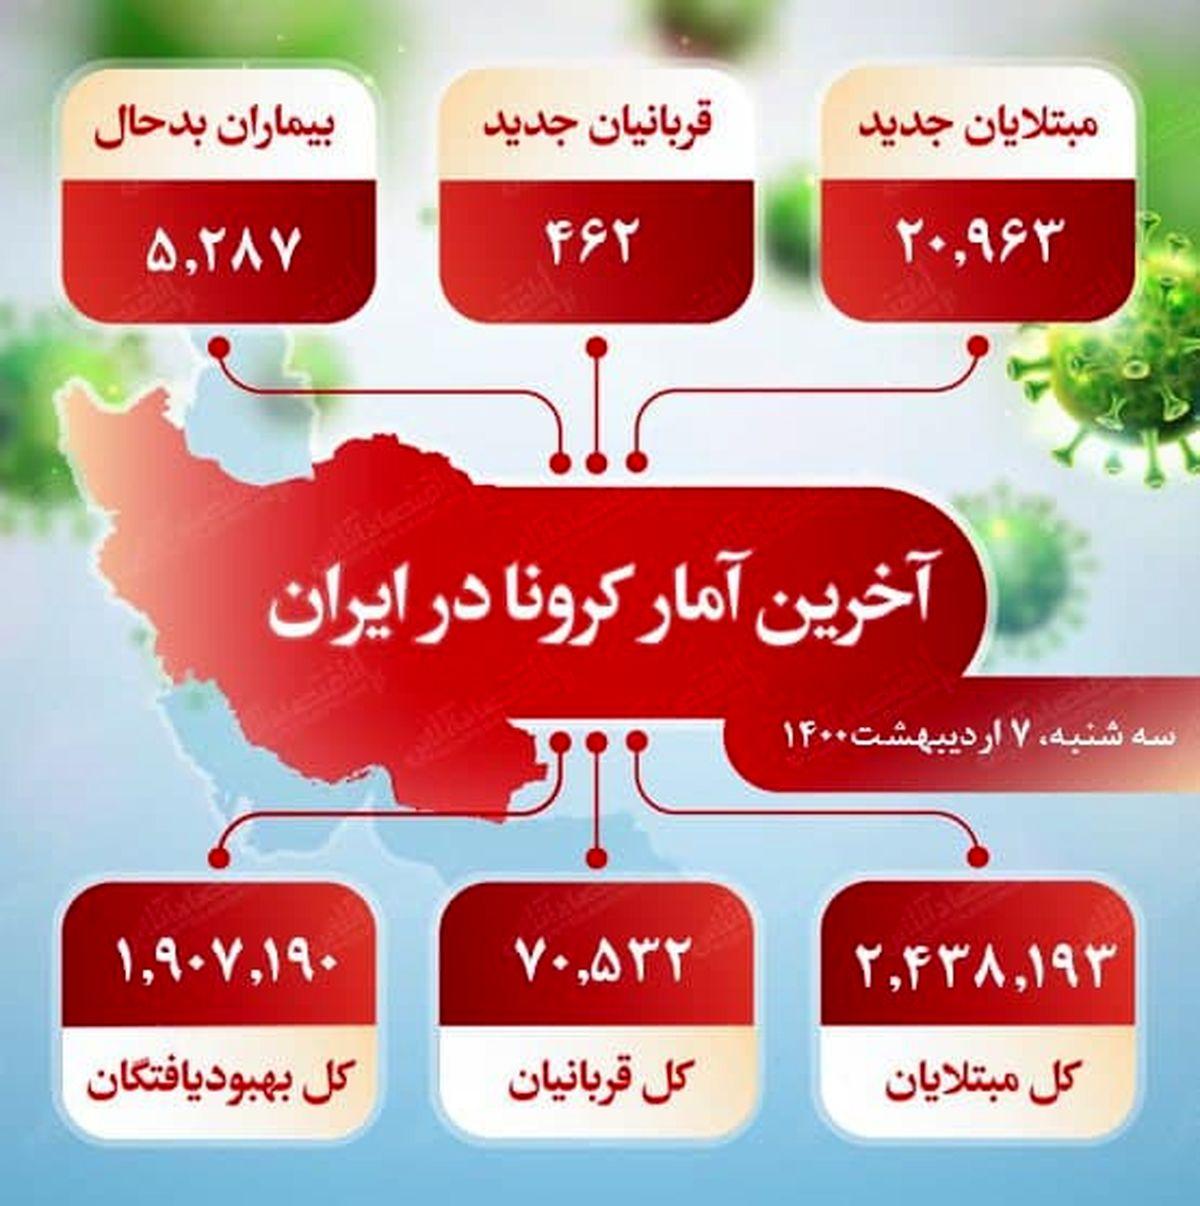 آخرین آمار کرونا در ایران (۱۴۰۰/۲/۷)